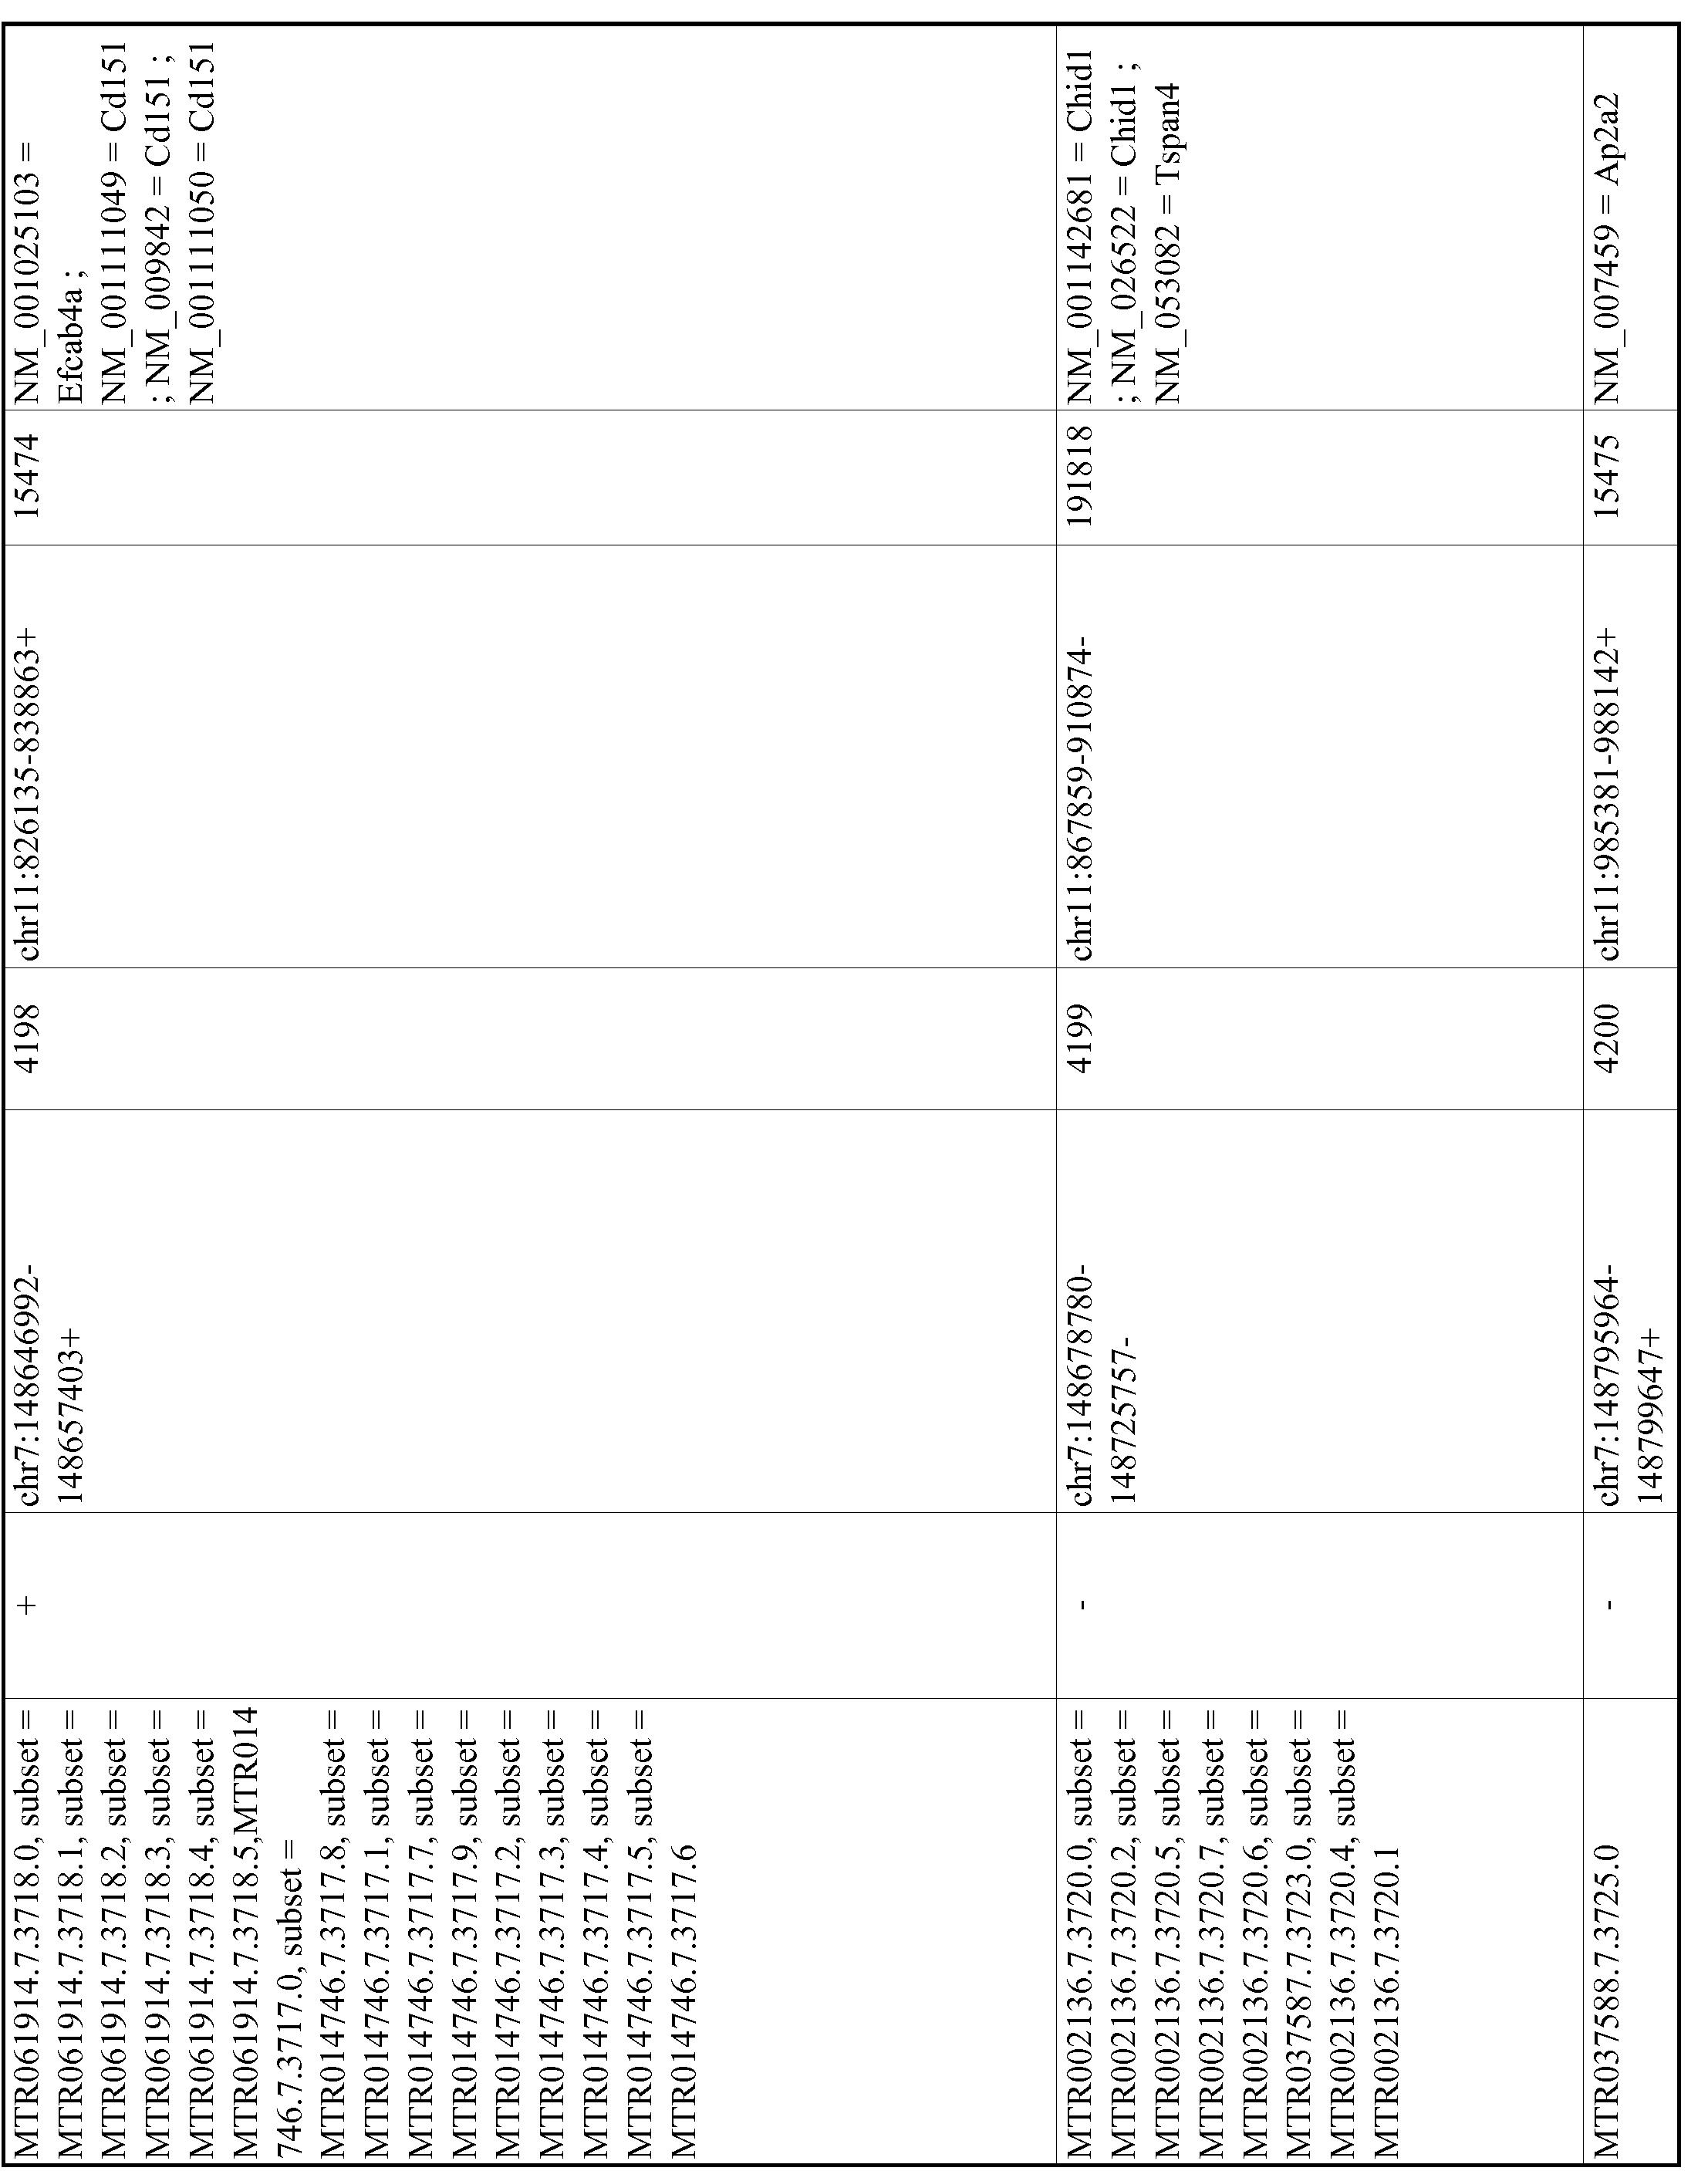 Figure imgf000795_0001